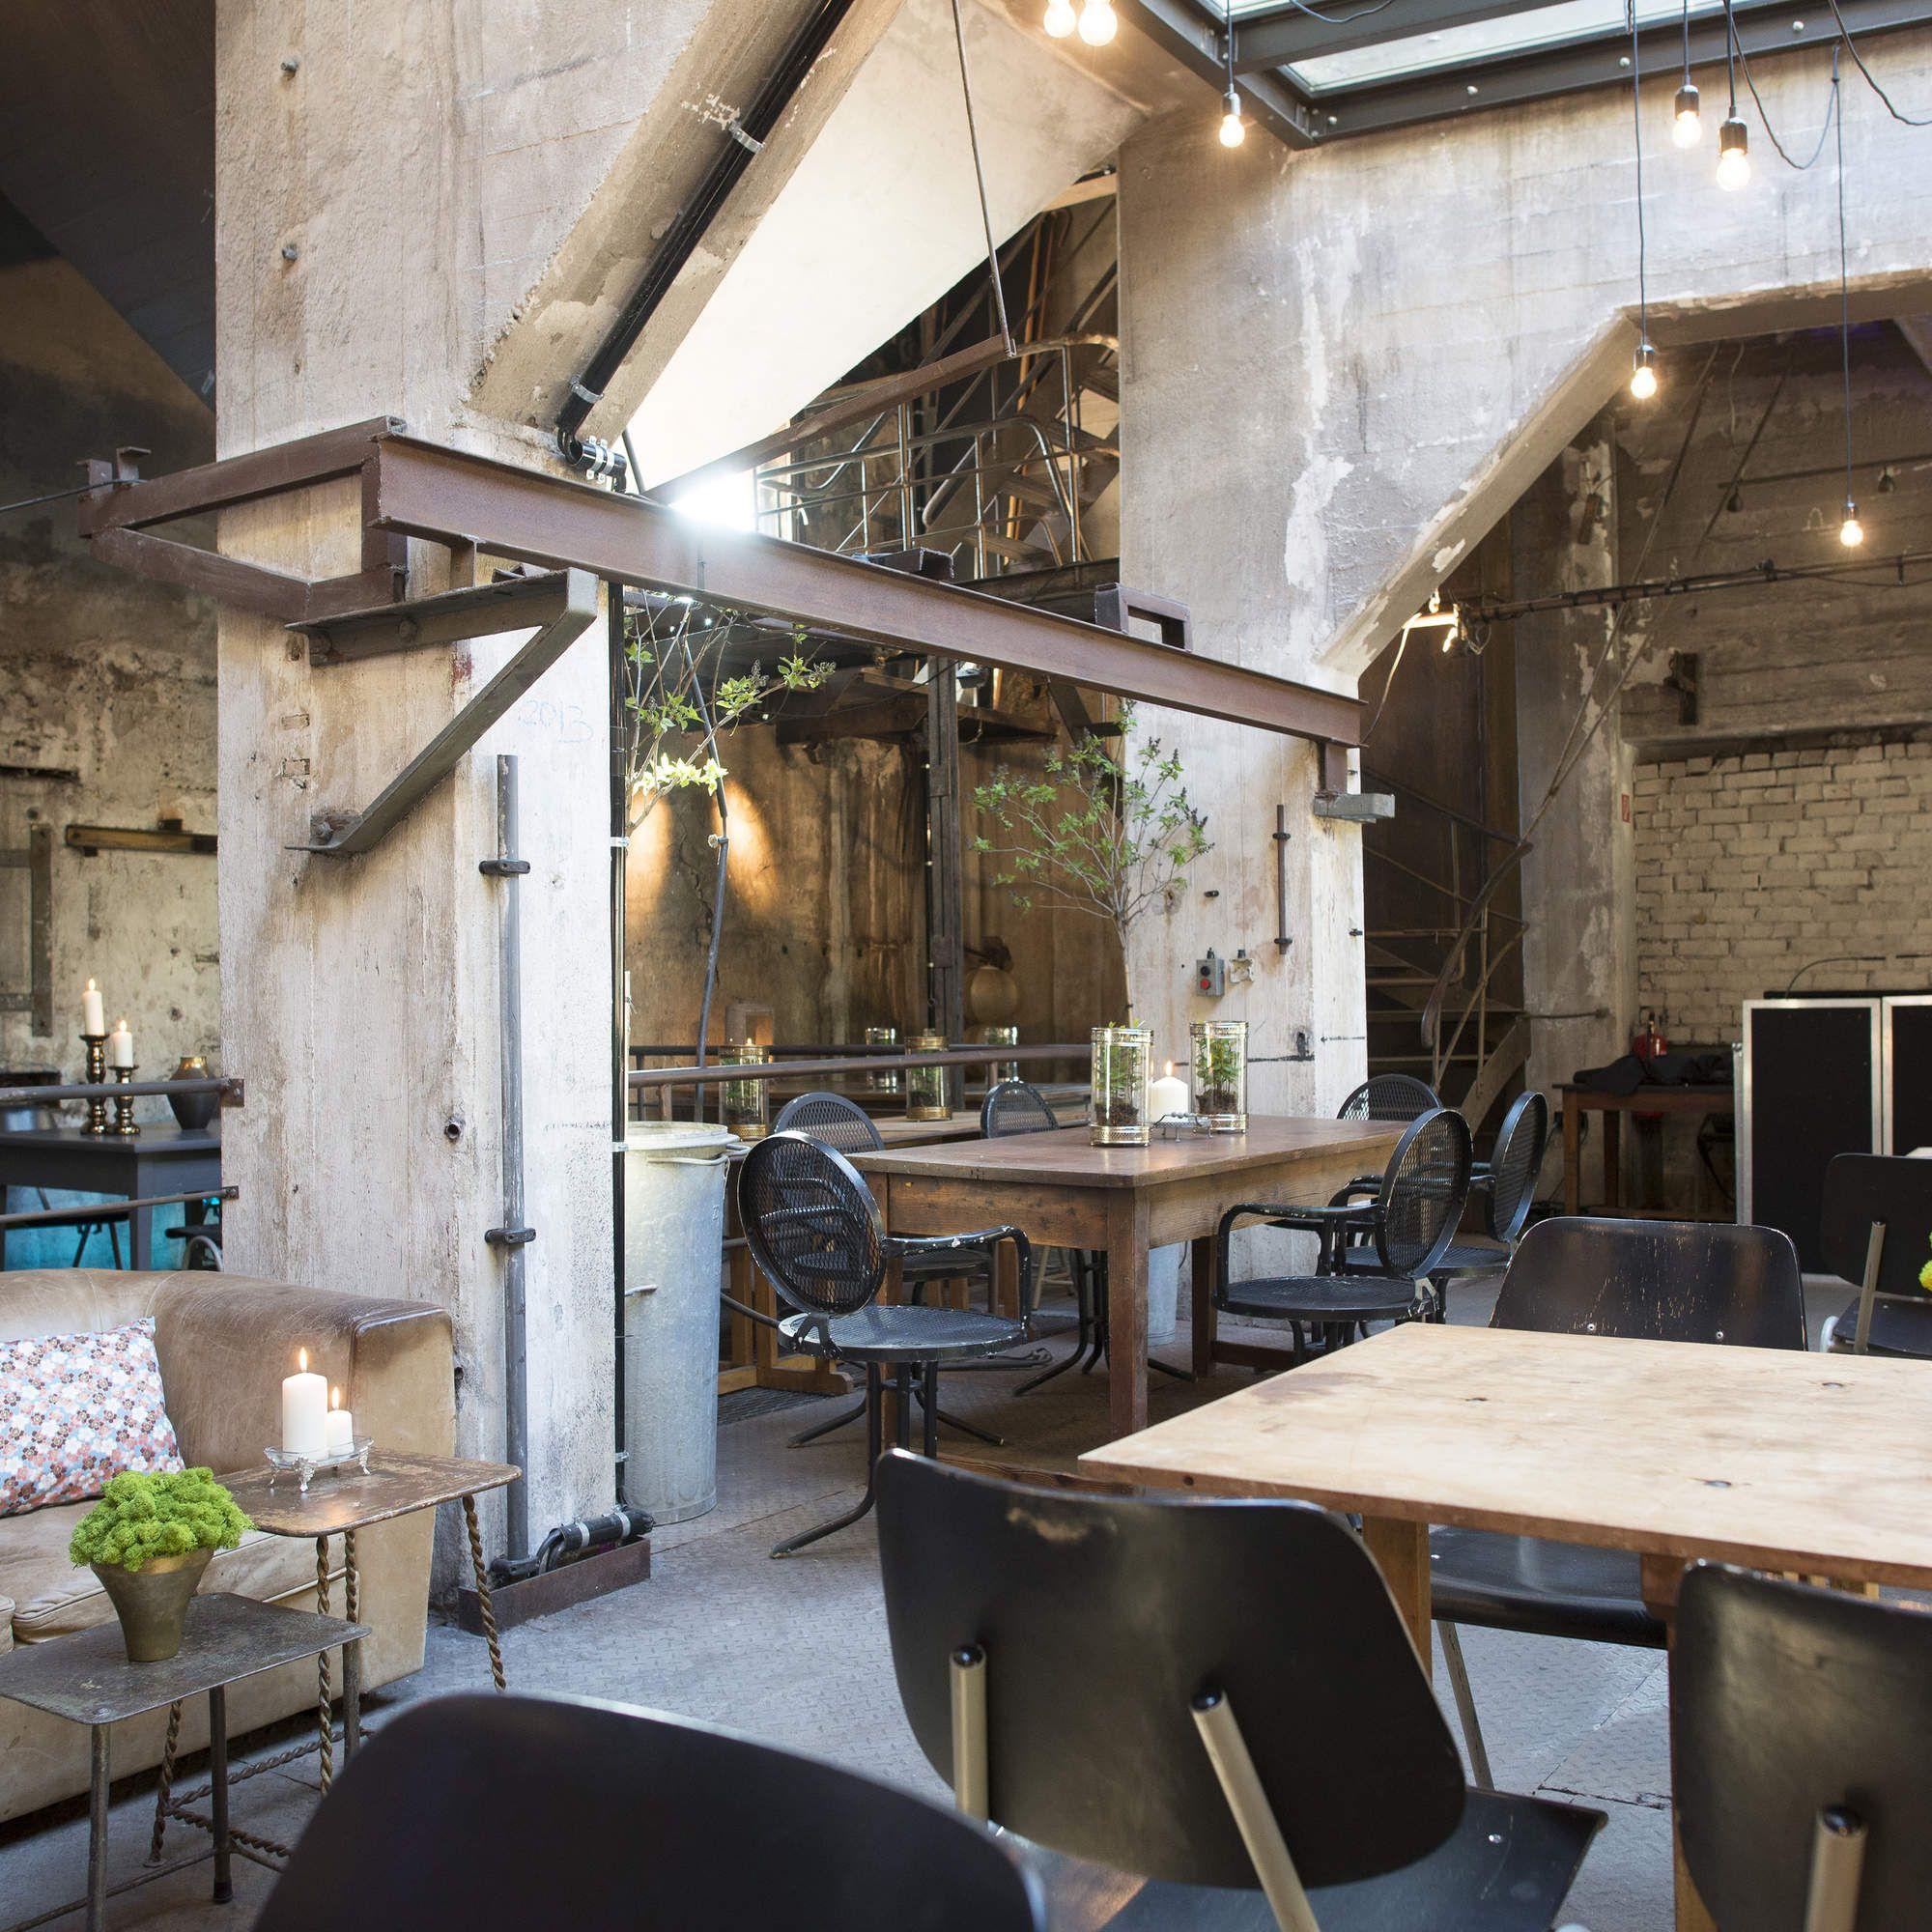 The 6 best new restaurants in Berlin | RESTAURANT INTERIORS ...